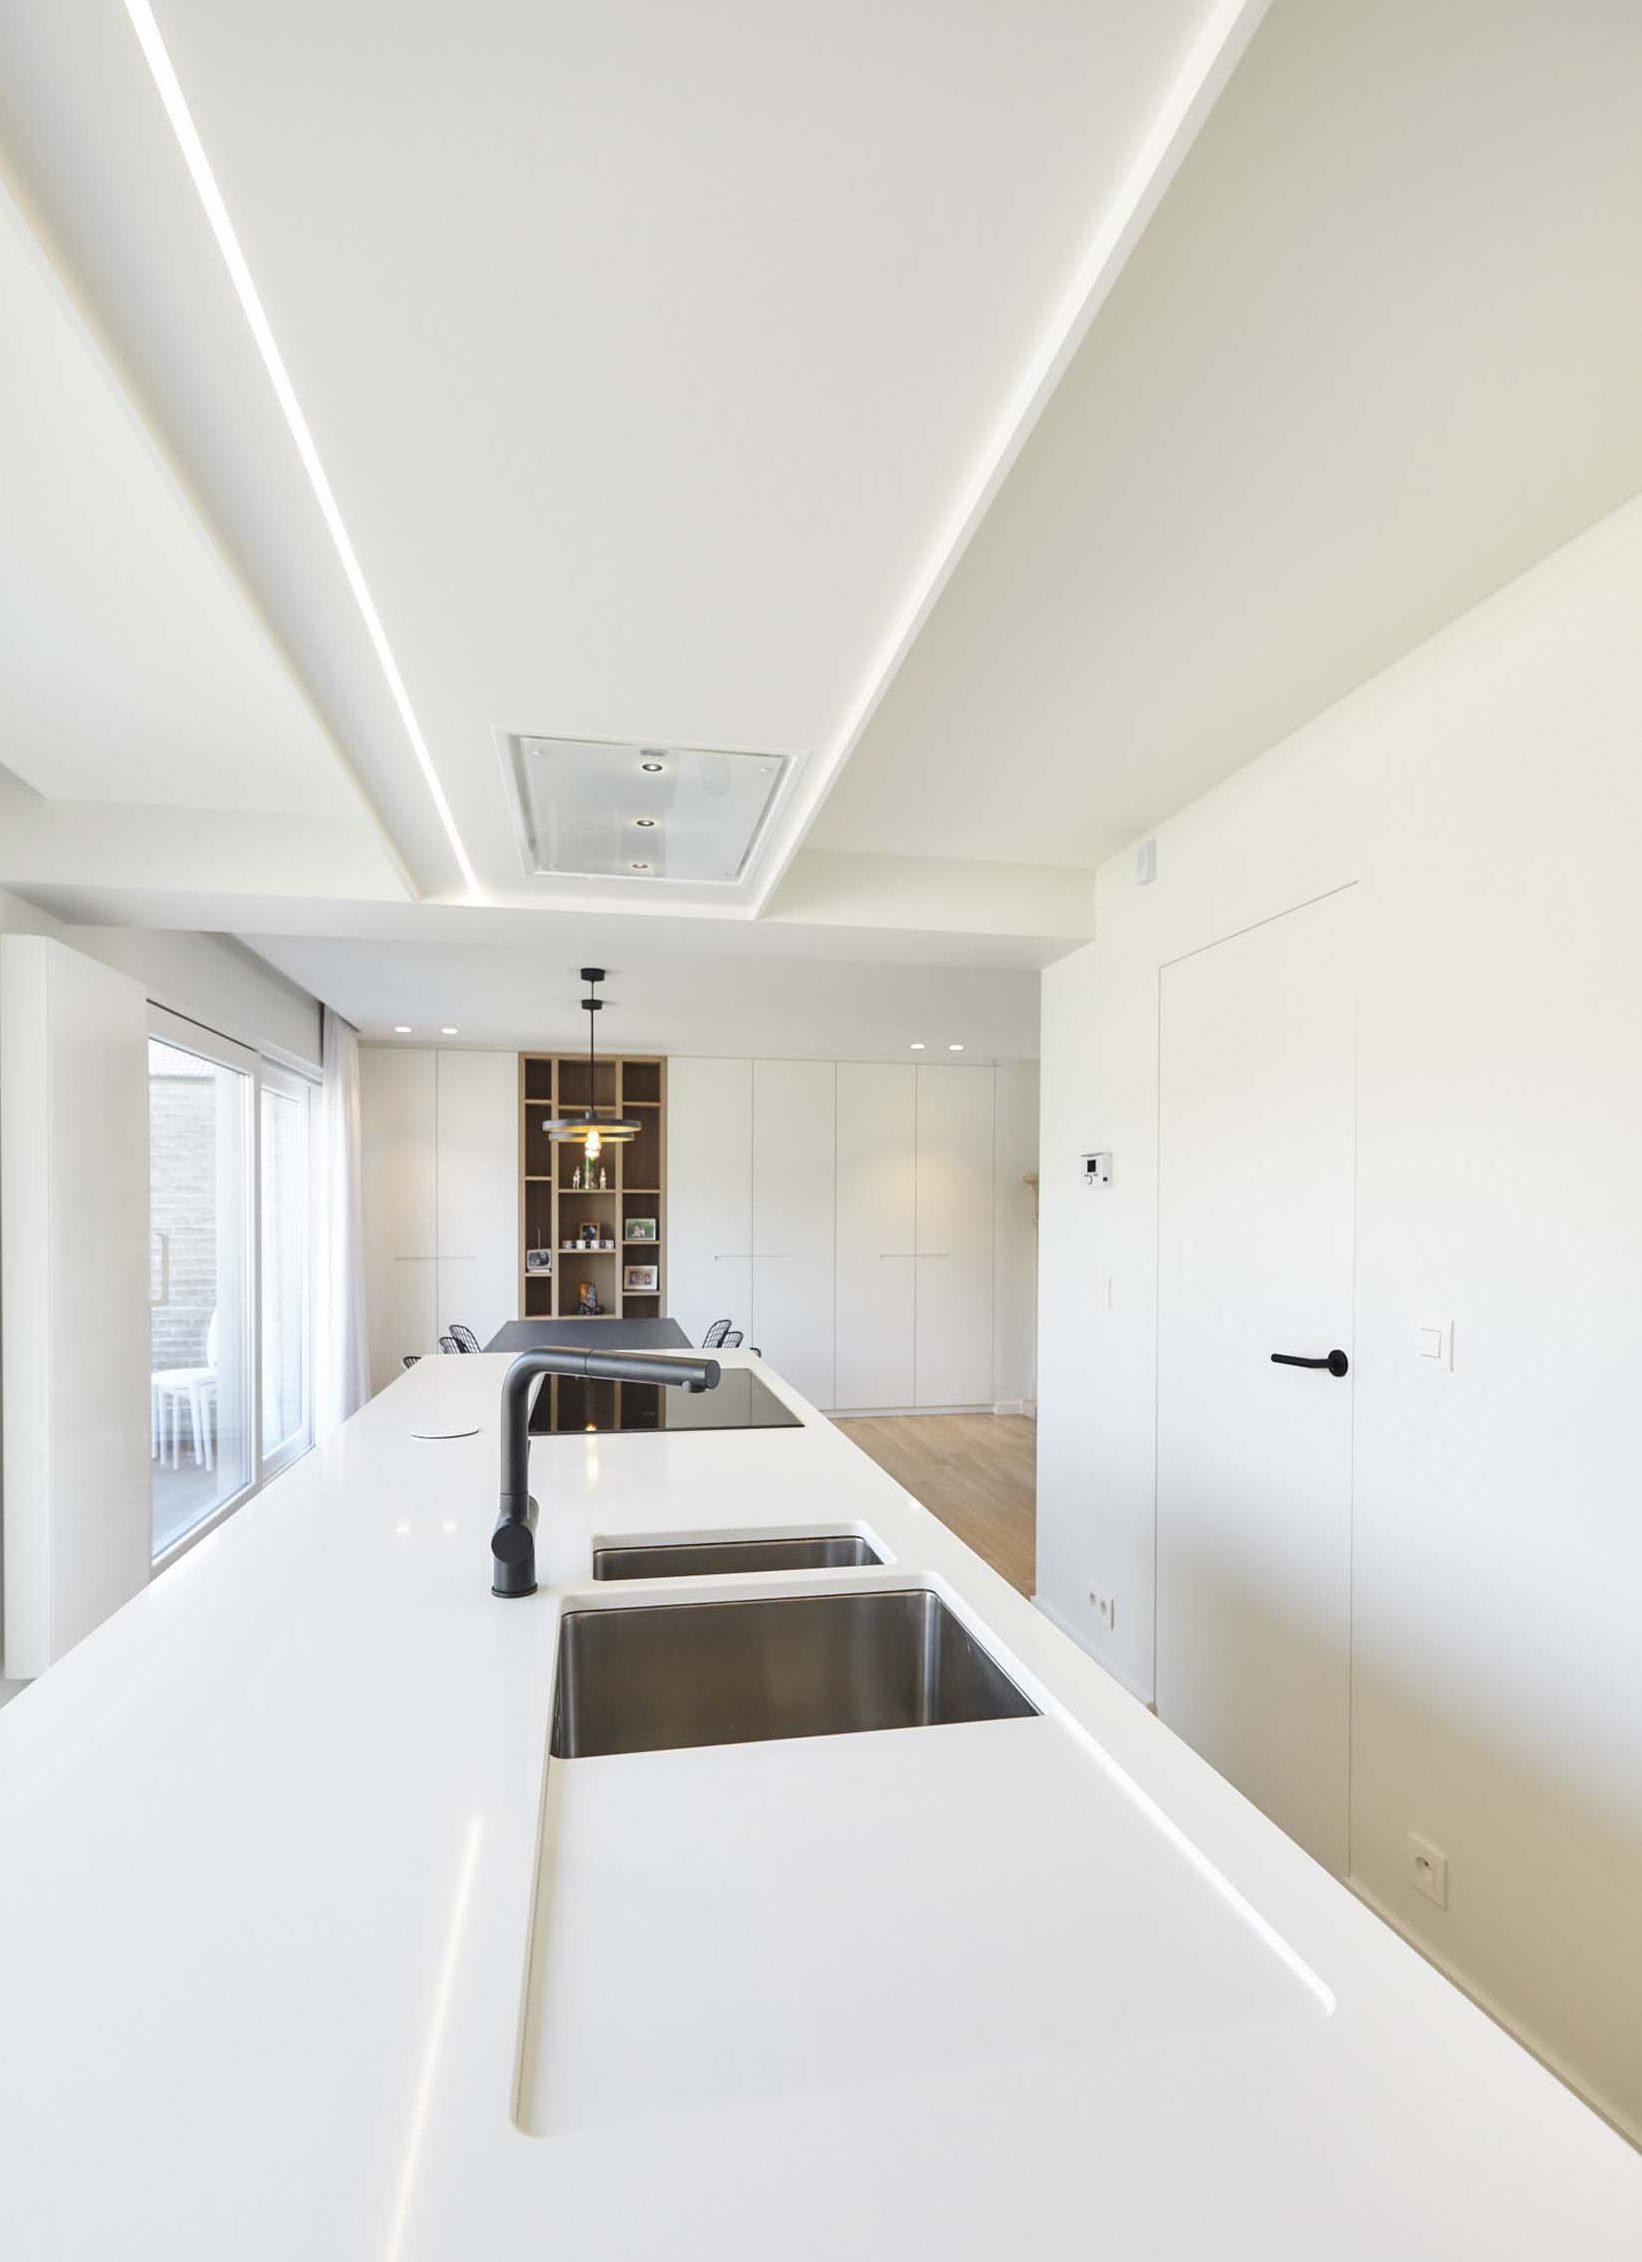 Vanda-projects-interieurinrichting-meubelmakerij-oost-vlaanderen-verfaillie-anne-kraan